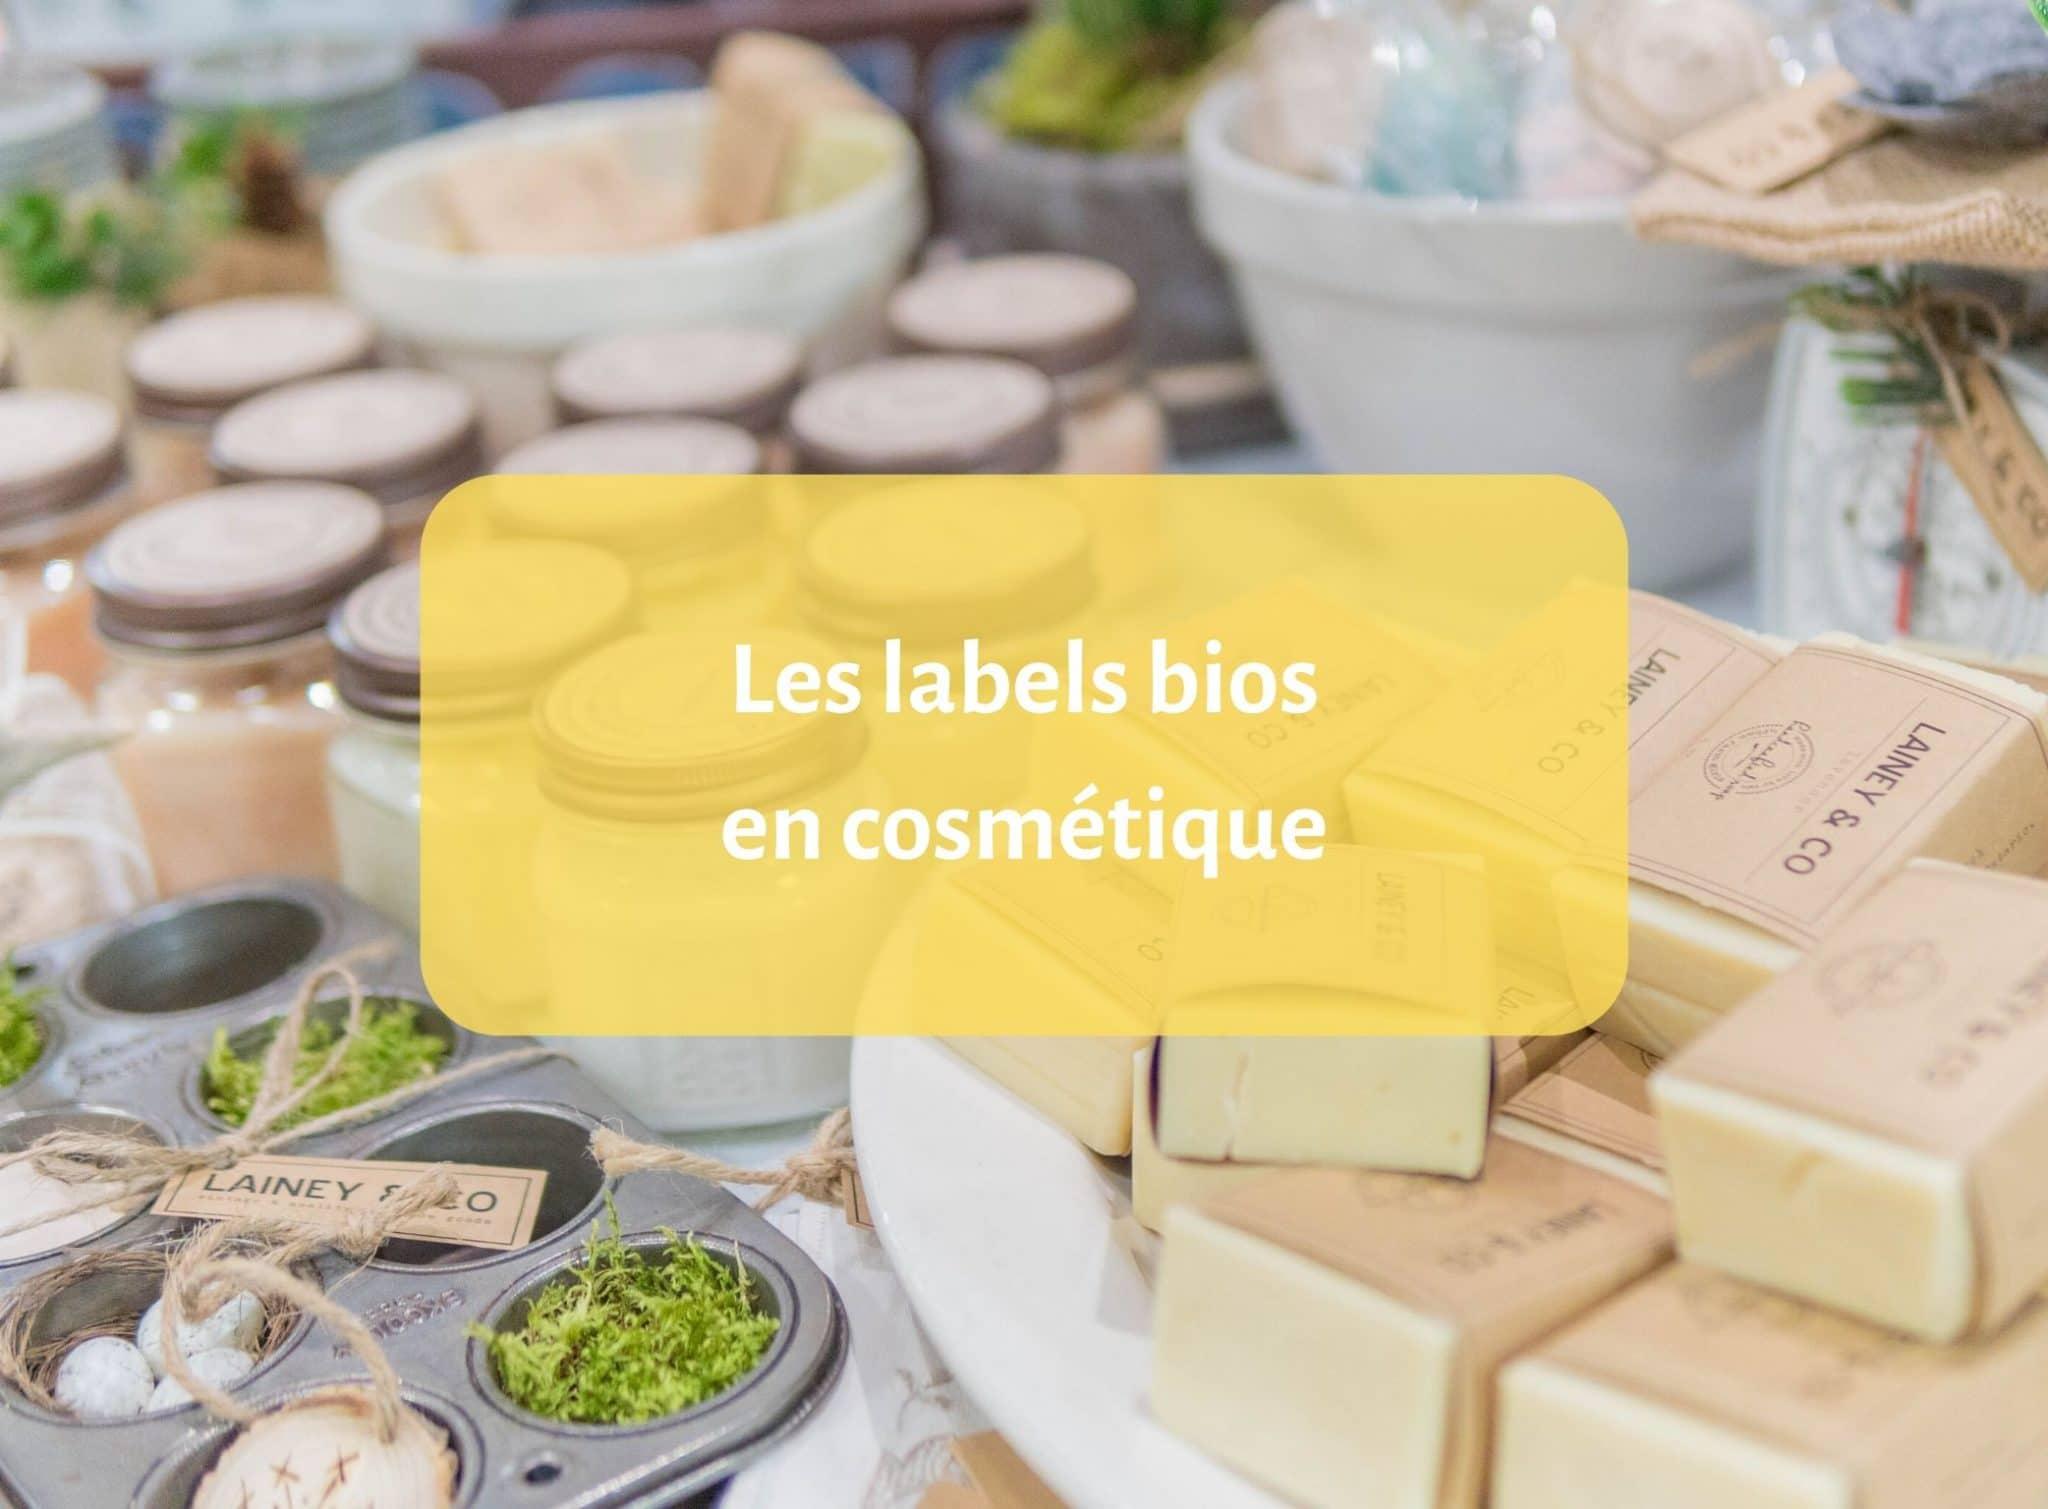 Quels sont les labels bios en cosmétique ?